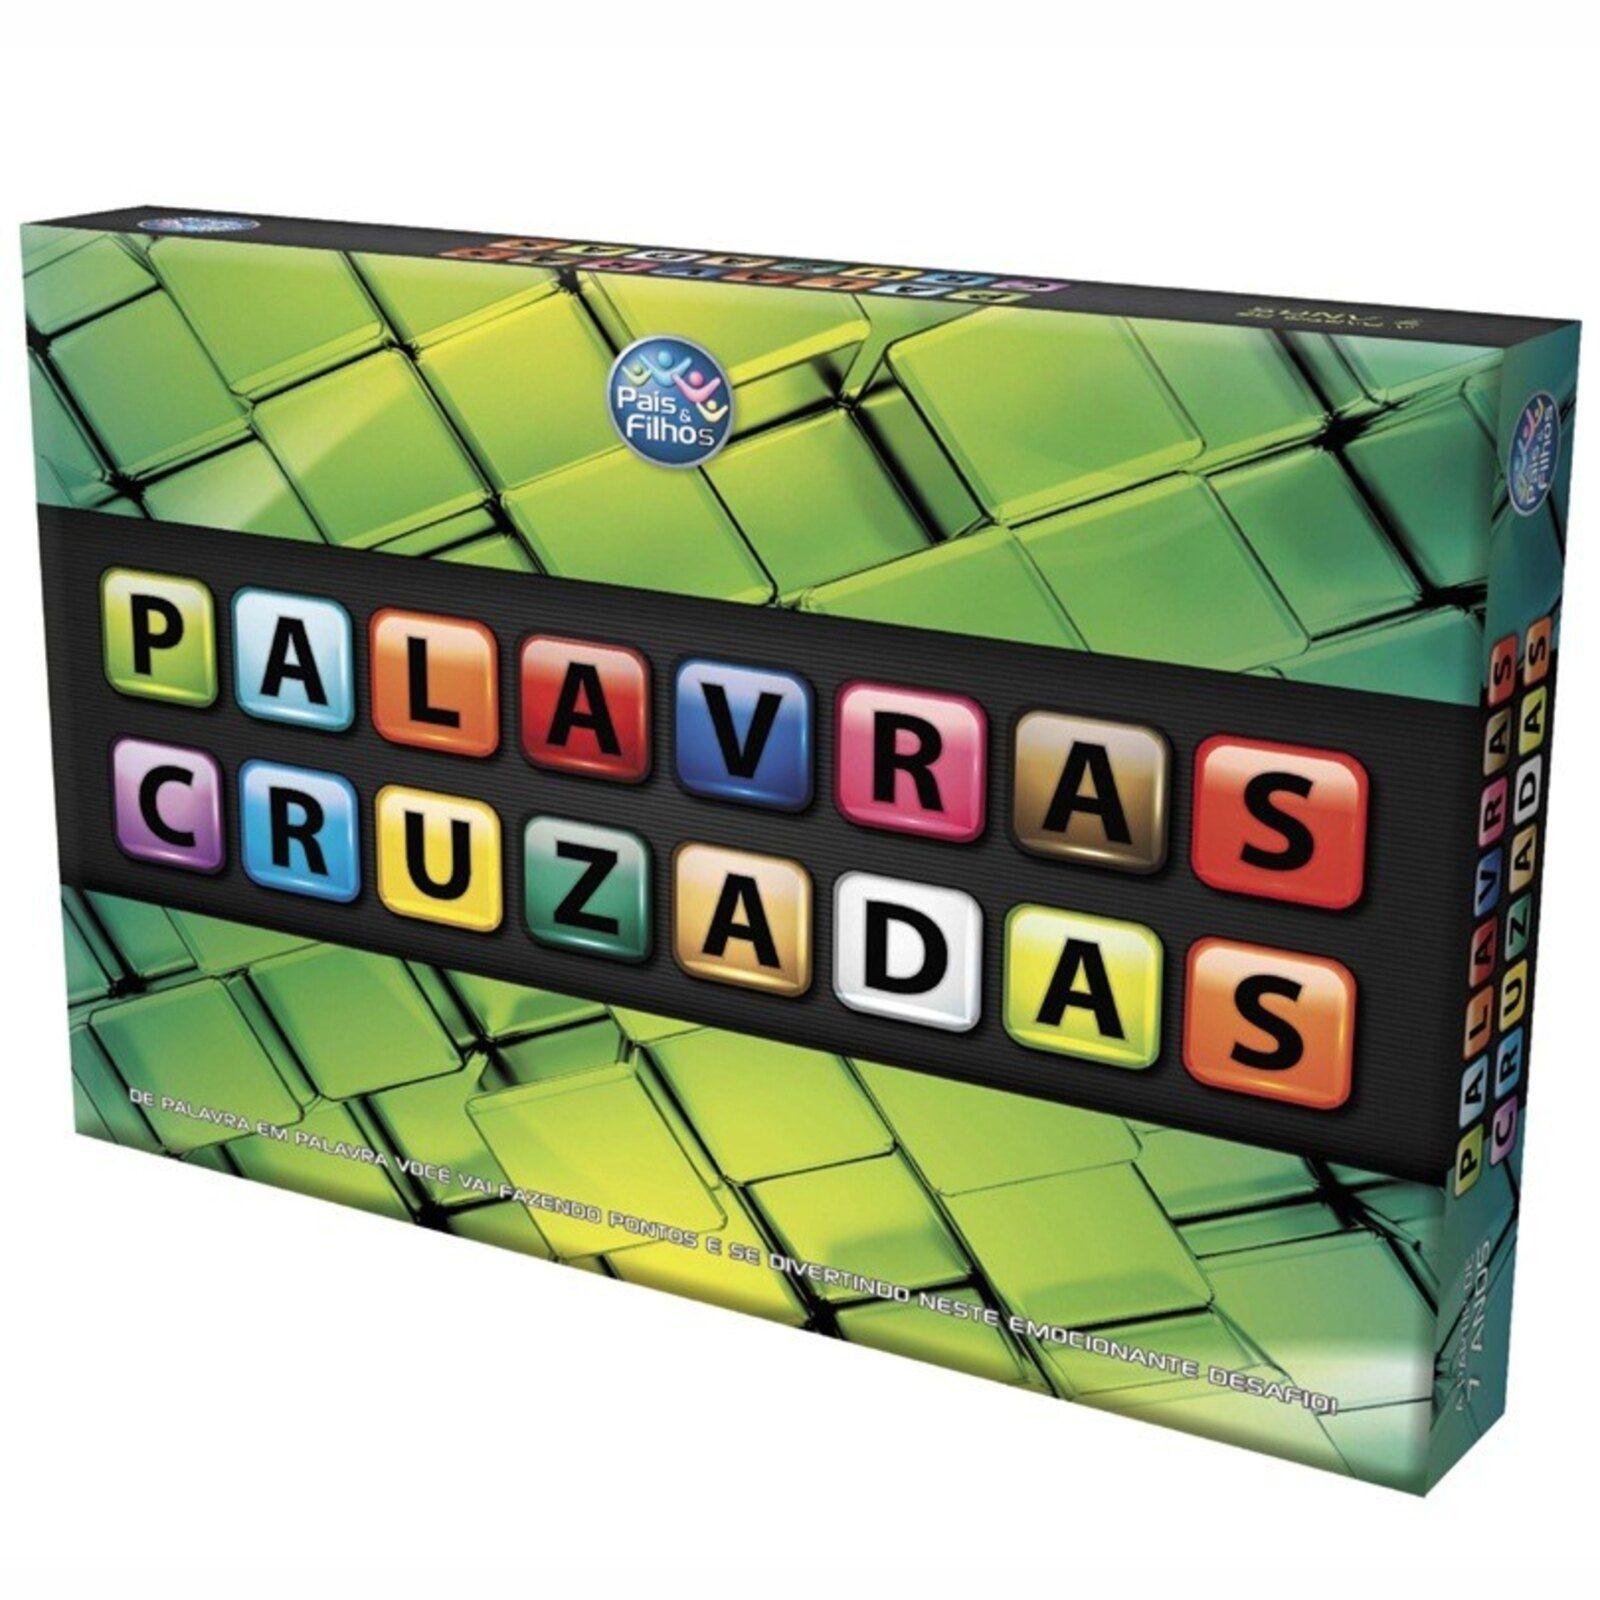 Jogo De Tabuleiro Pais E Filhos Palavras Cruzadas Multicolorido Jogos De Tabuleiro Jogos De Palavras Cruzadas Cruzadas